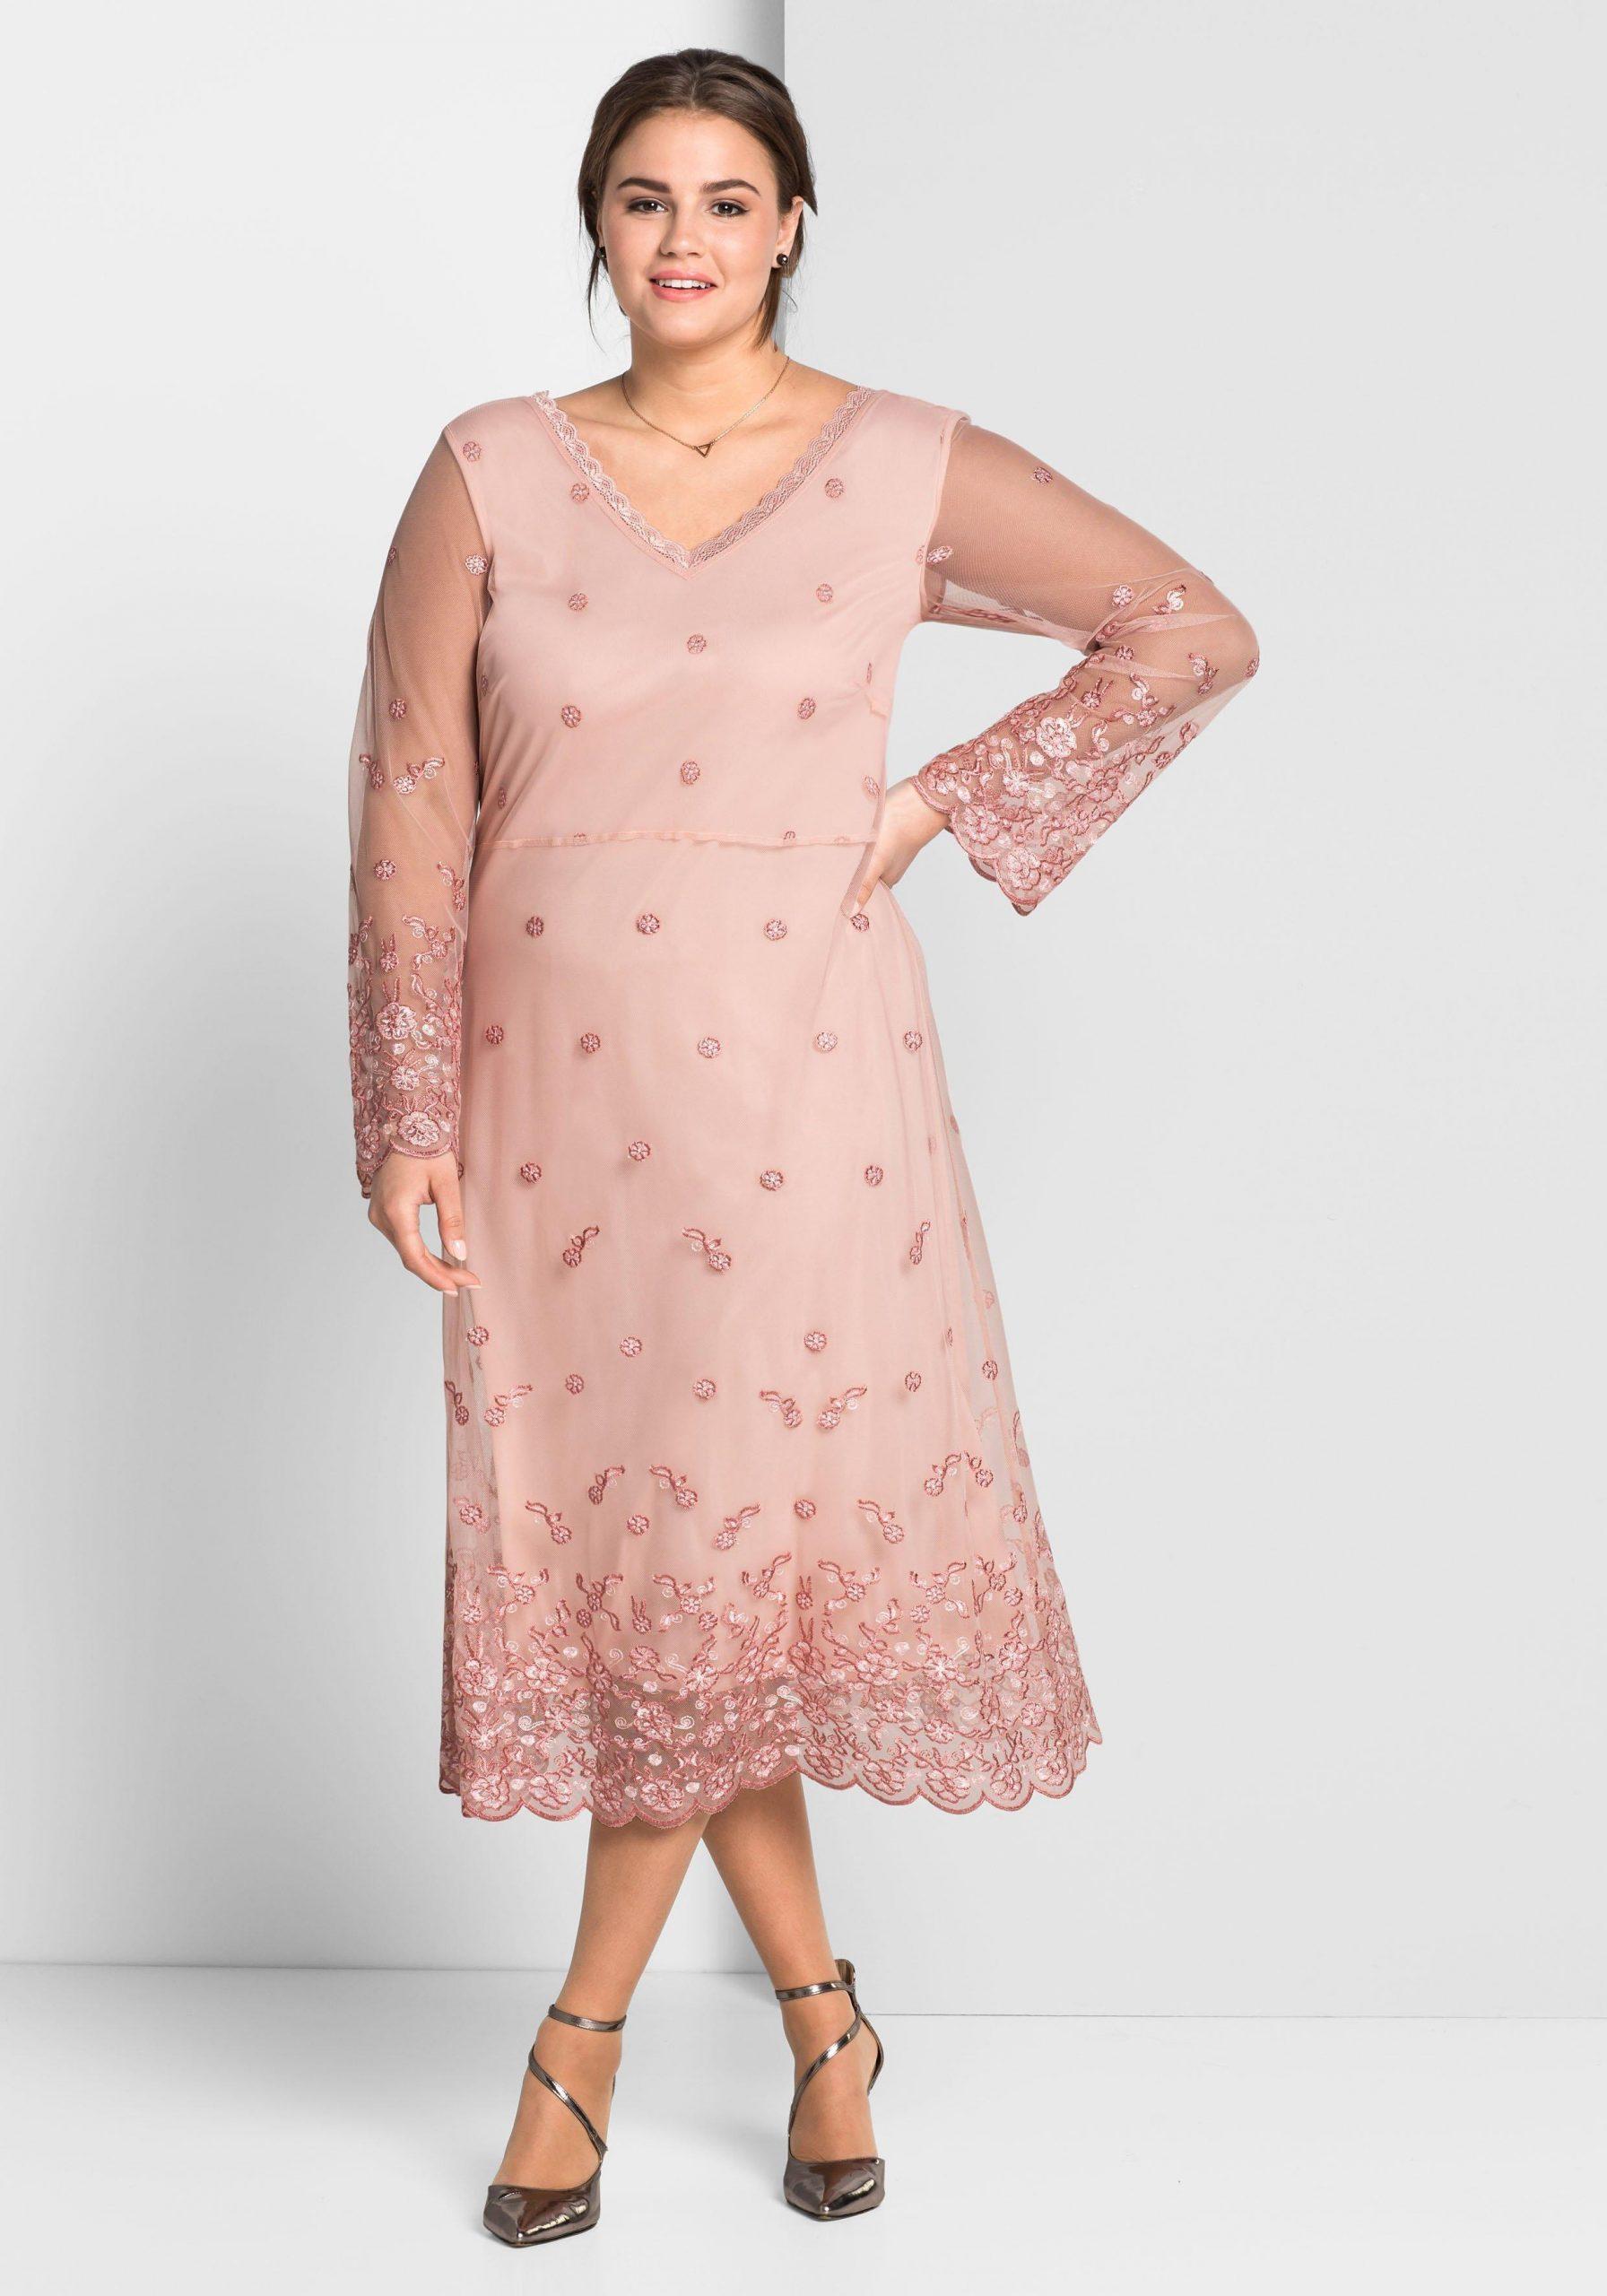 17 Top Abendkleid Große Größen Stylish15 Schön Abendkleid Große Größen Vertrieb